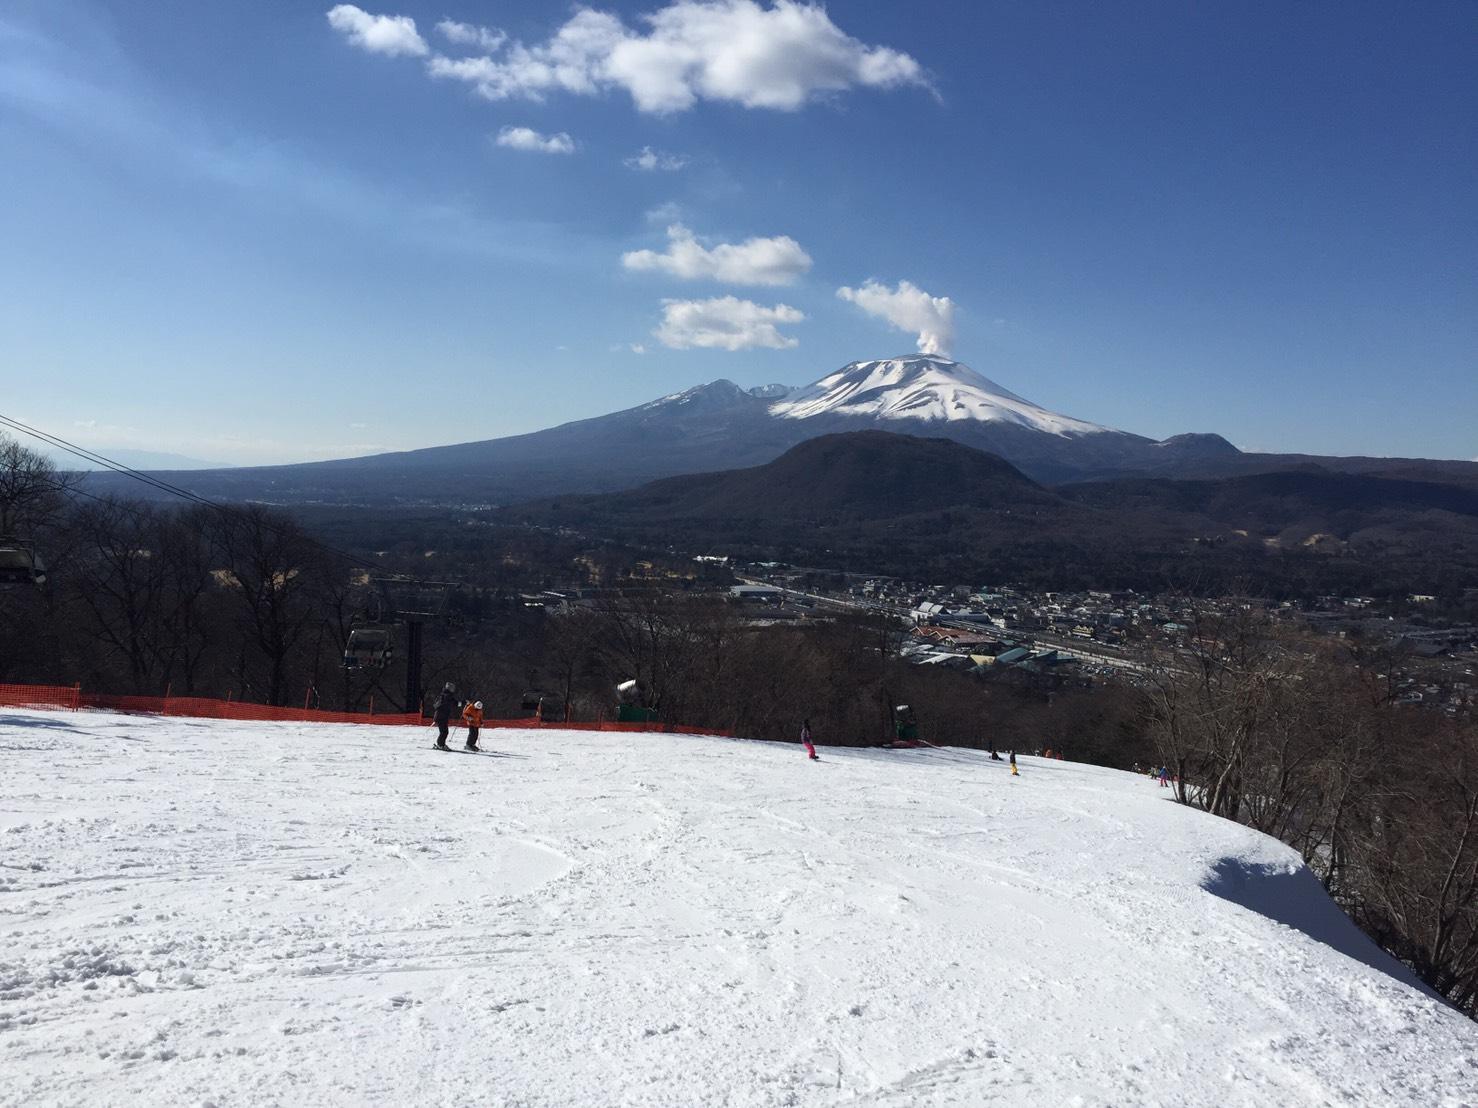 (長野県/軽井沢)最初は不安だったが経験してとても良かったリゾートバイト